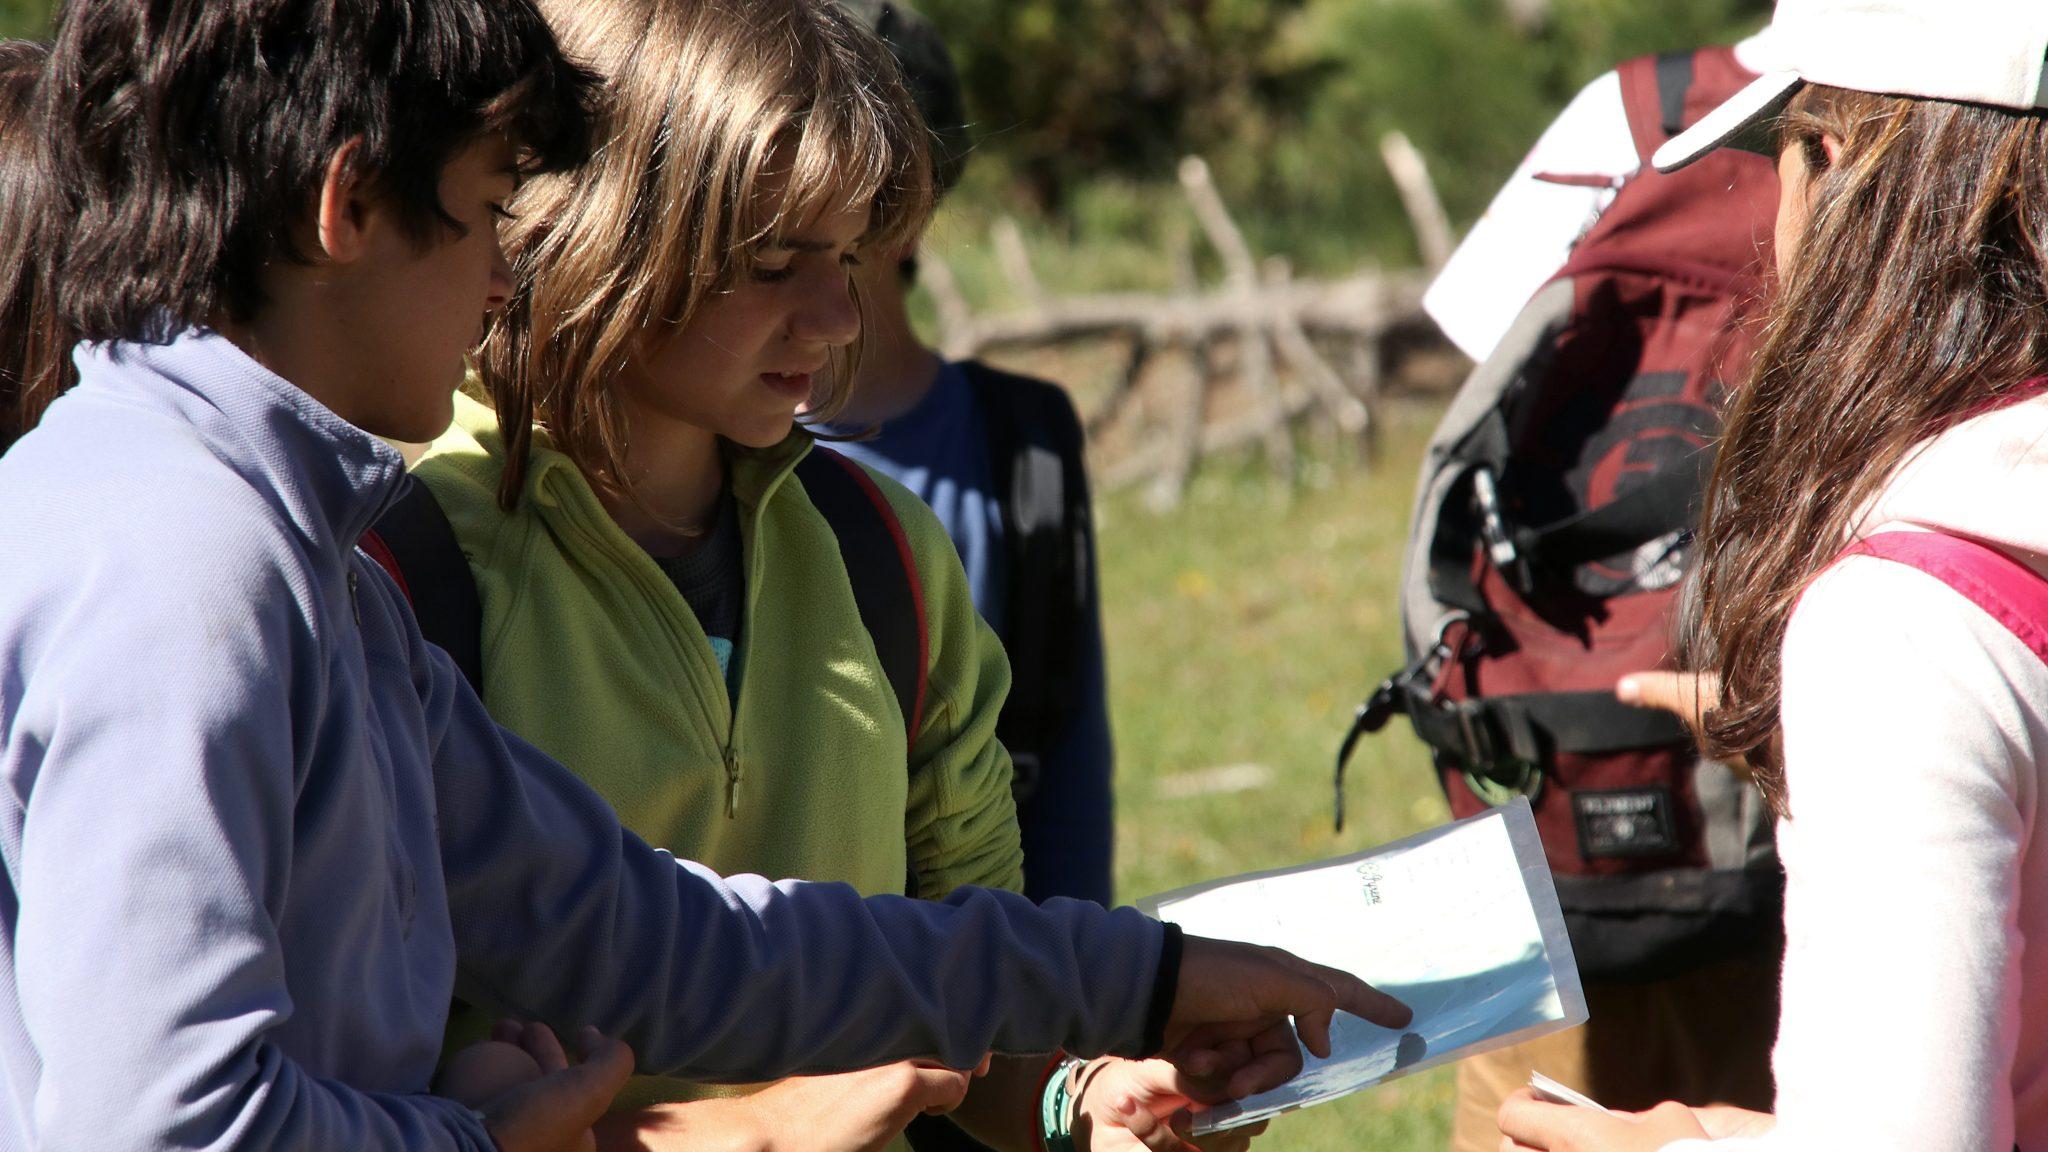 Nens i nenes mirant un mapa d'orientació en plena natura